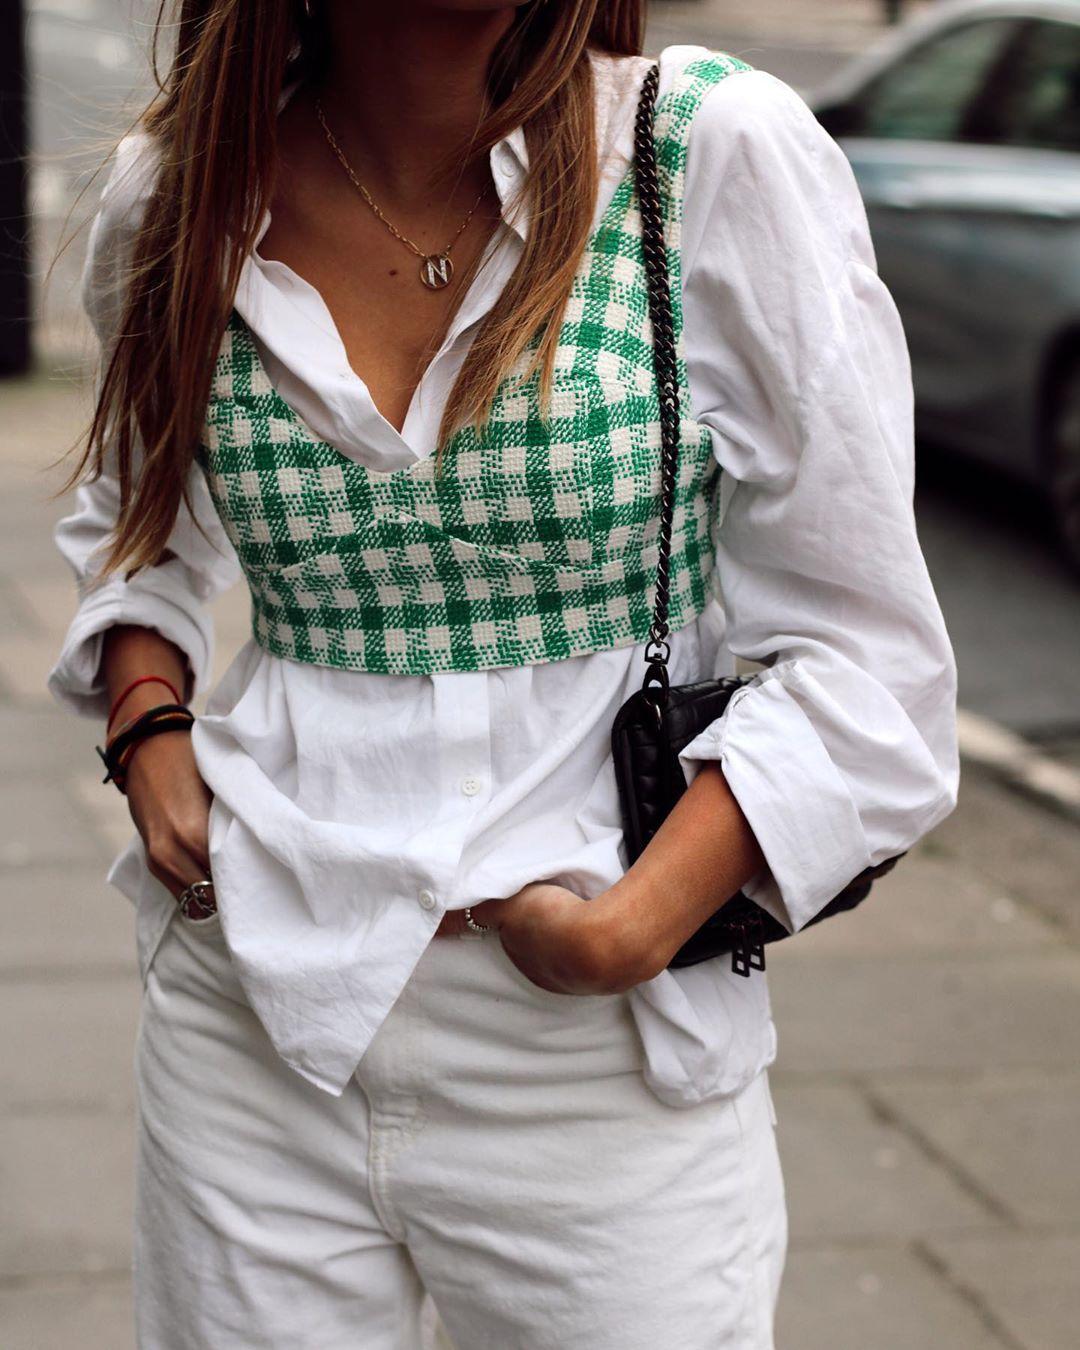 tweed short top de Zara sur natichualcantara